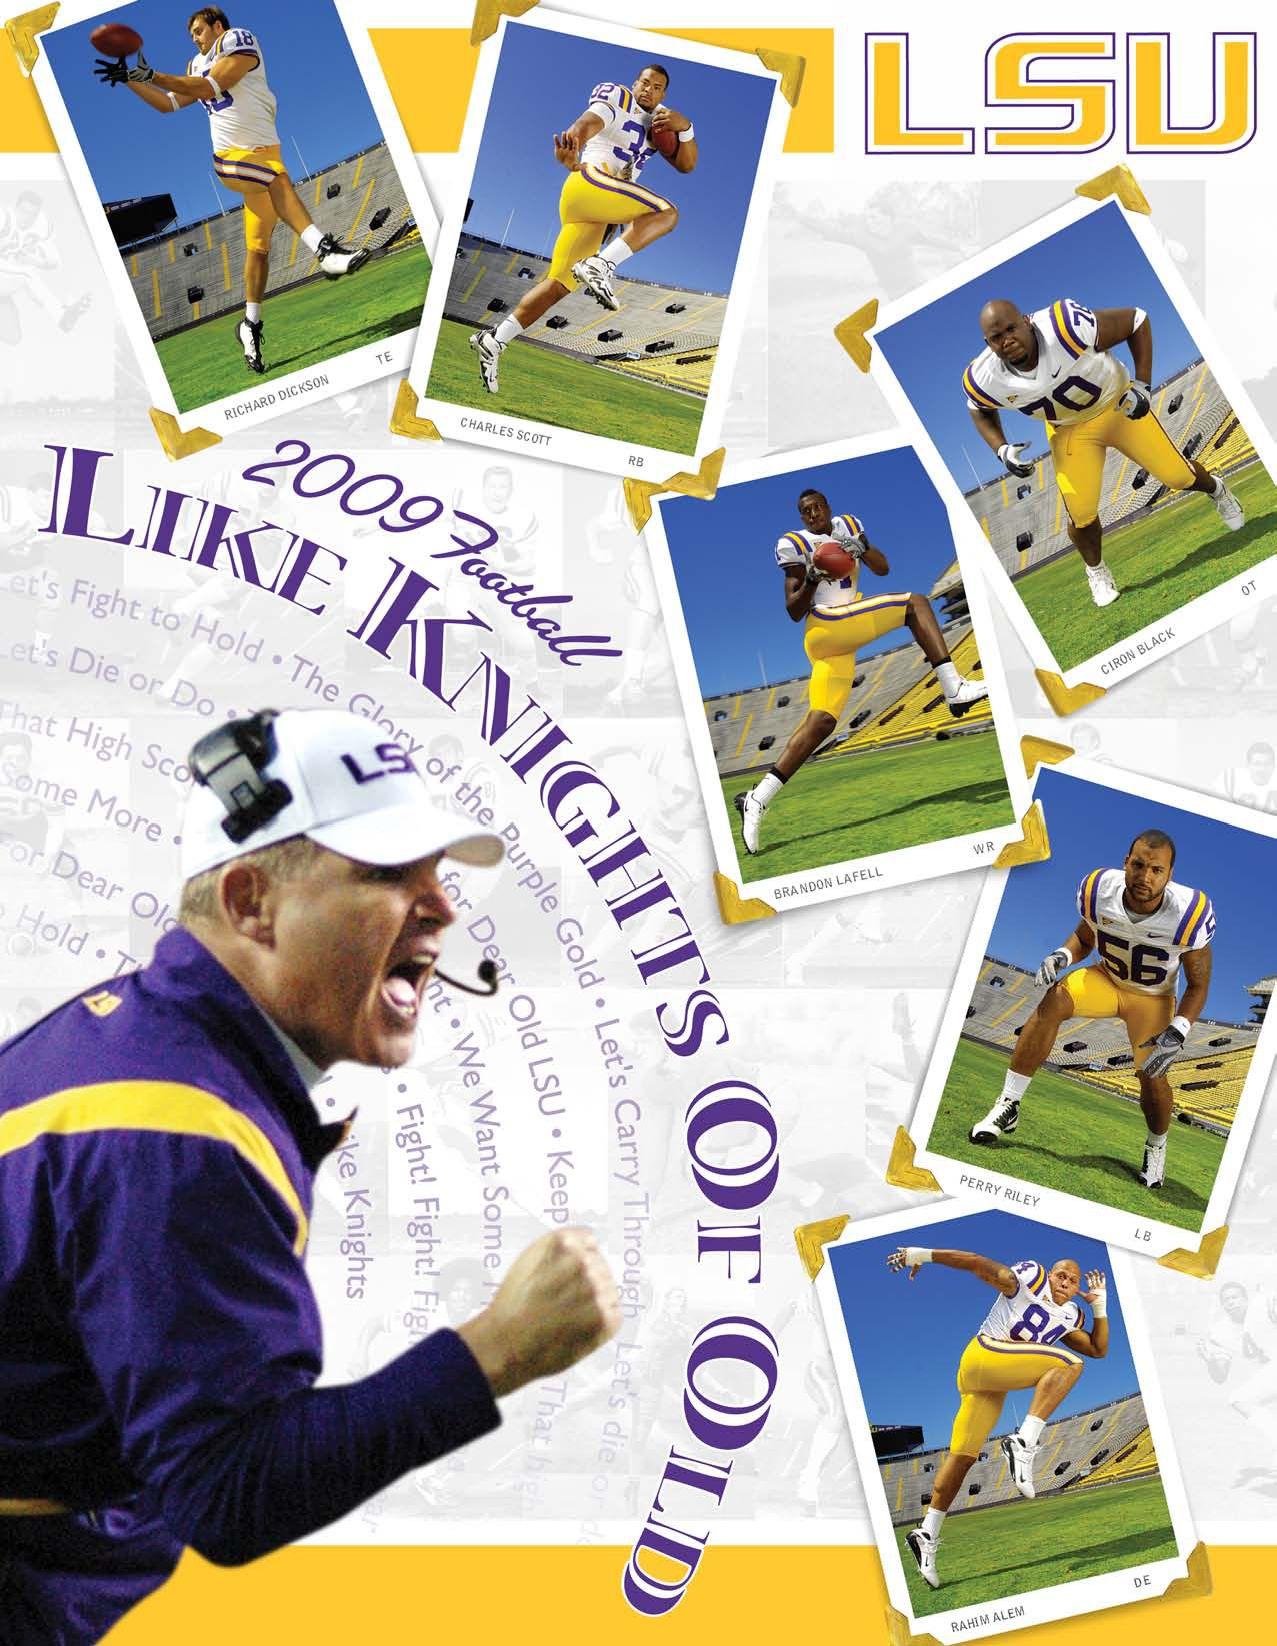 e40d1ad5f 2009 LSU Football Media Guide by LSU Athletics - issuu